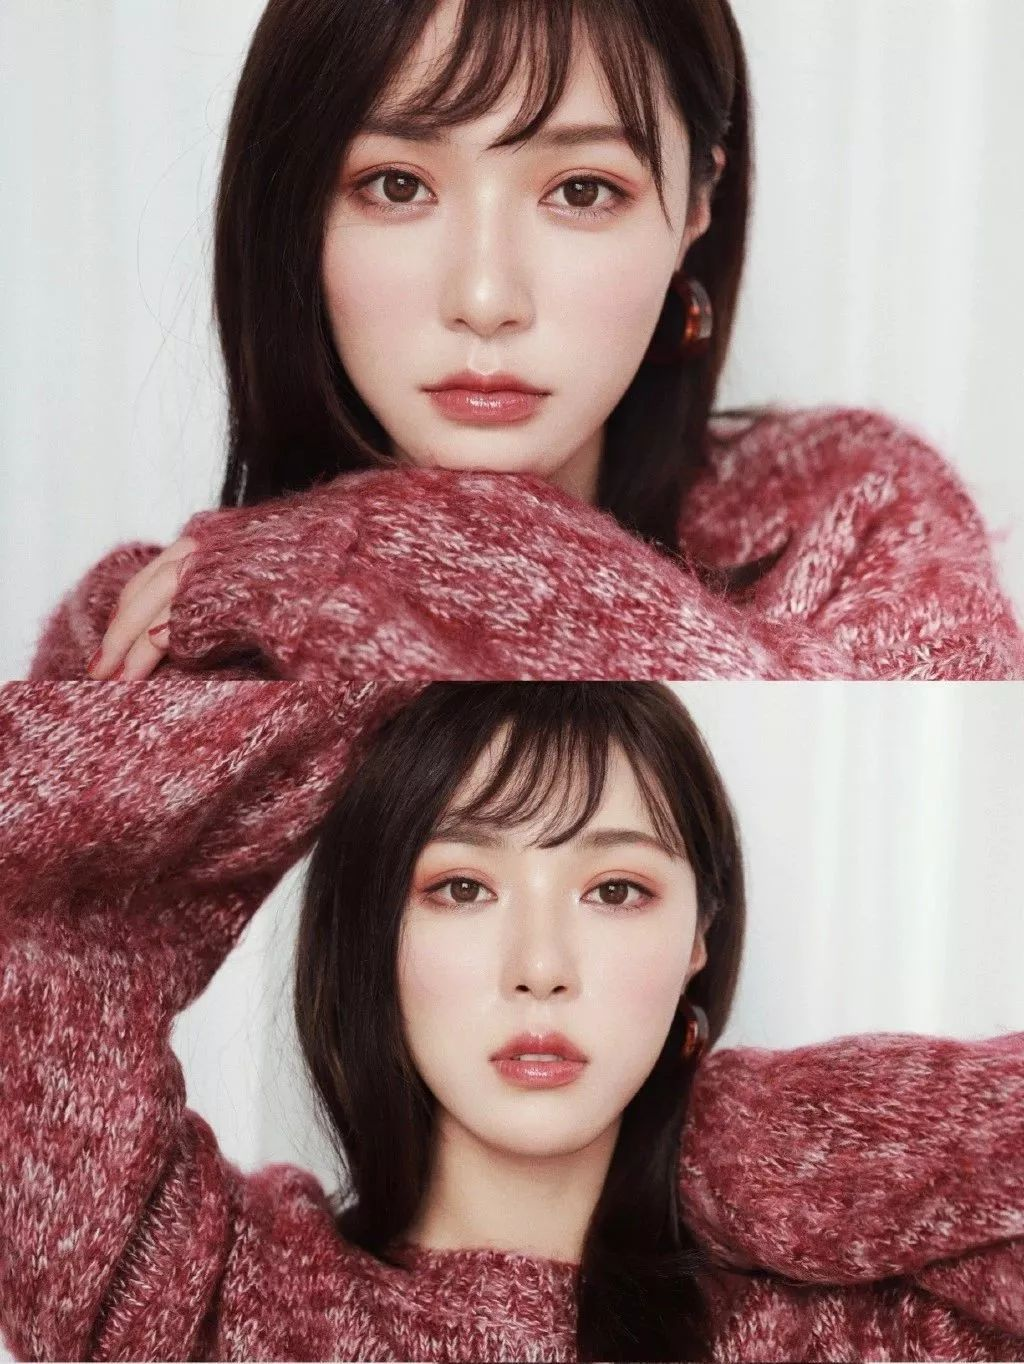 仙女級「明星臉部落客」仿妝爆紅 逆天顏值「比范爺還正」狂吸5百萬粉絲!